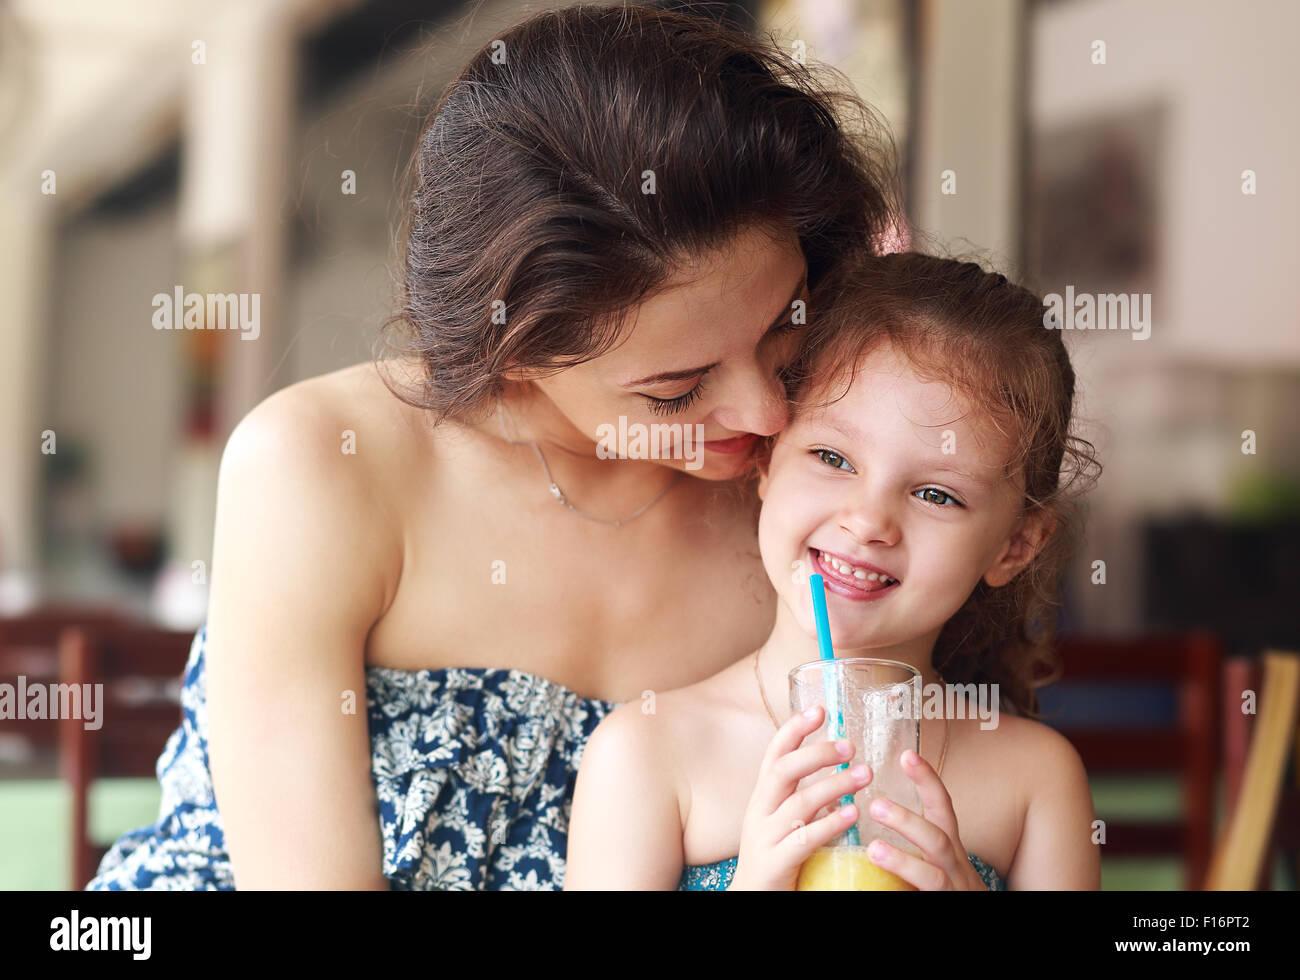 Feliz madre buscando y abrazando a su hija, que beber zumo de cítricos en el restaurante urbano Imagen De Stock